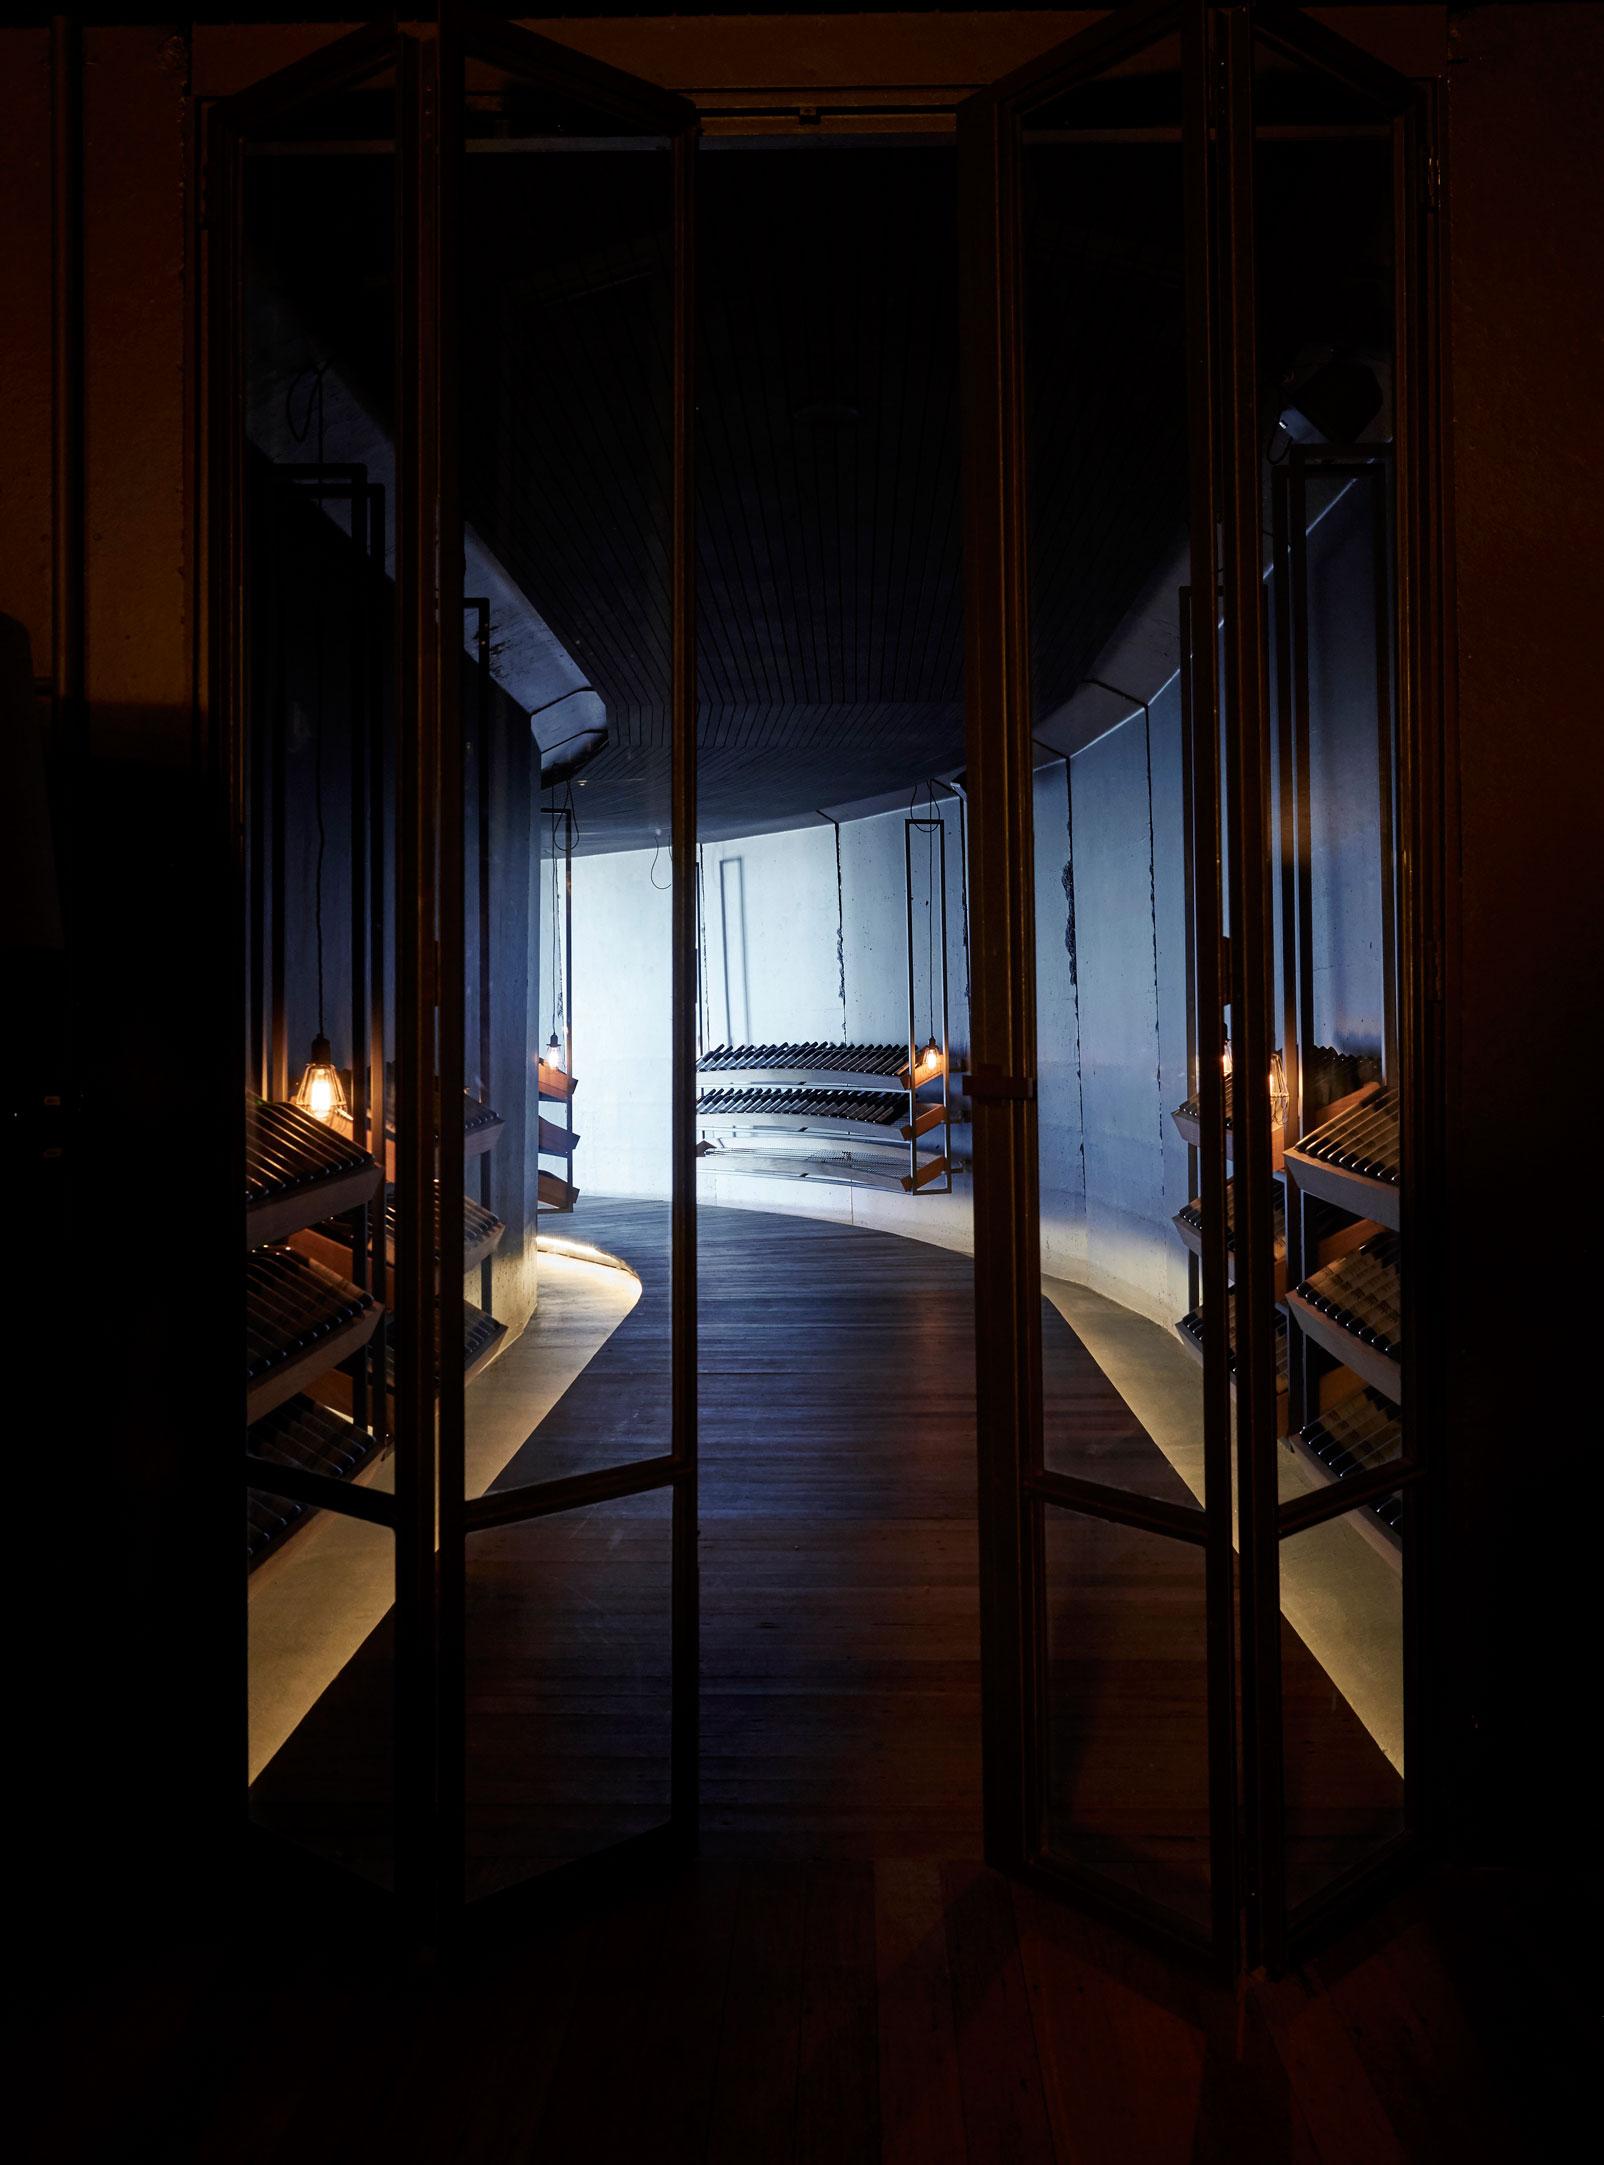 170328_Vogue_FionaMyer_Interiors_01_841-1-copy.jpg